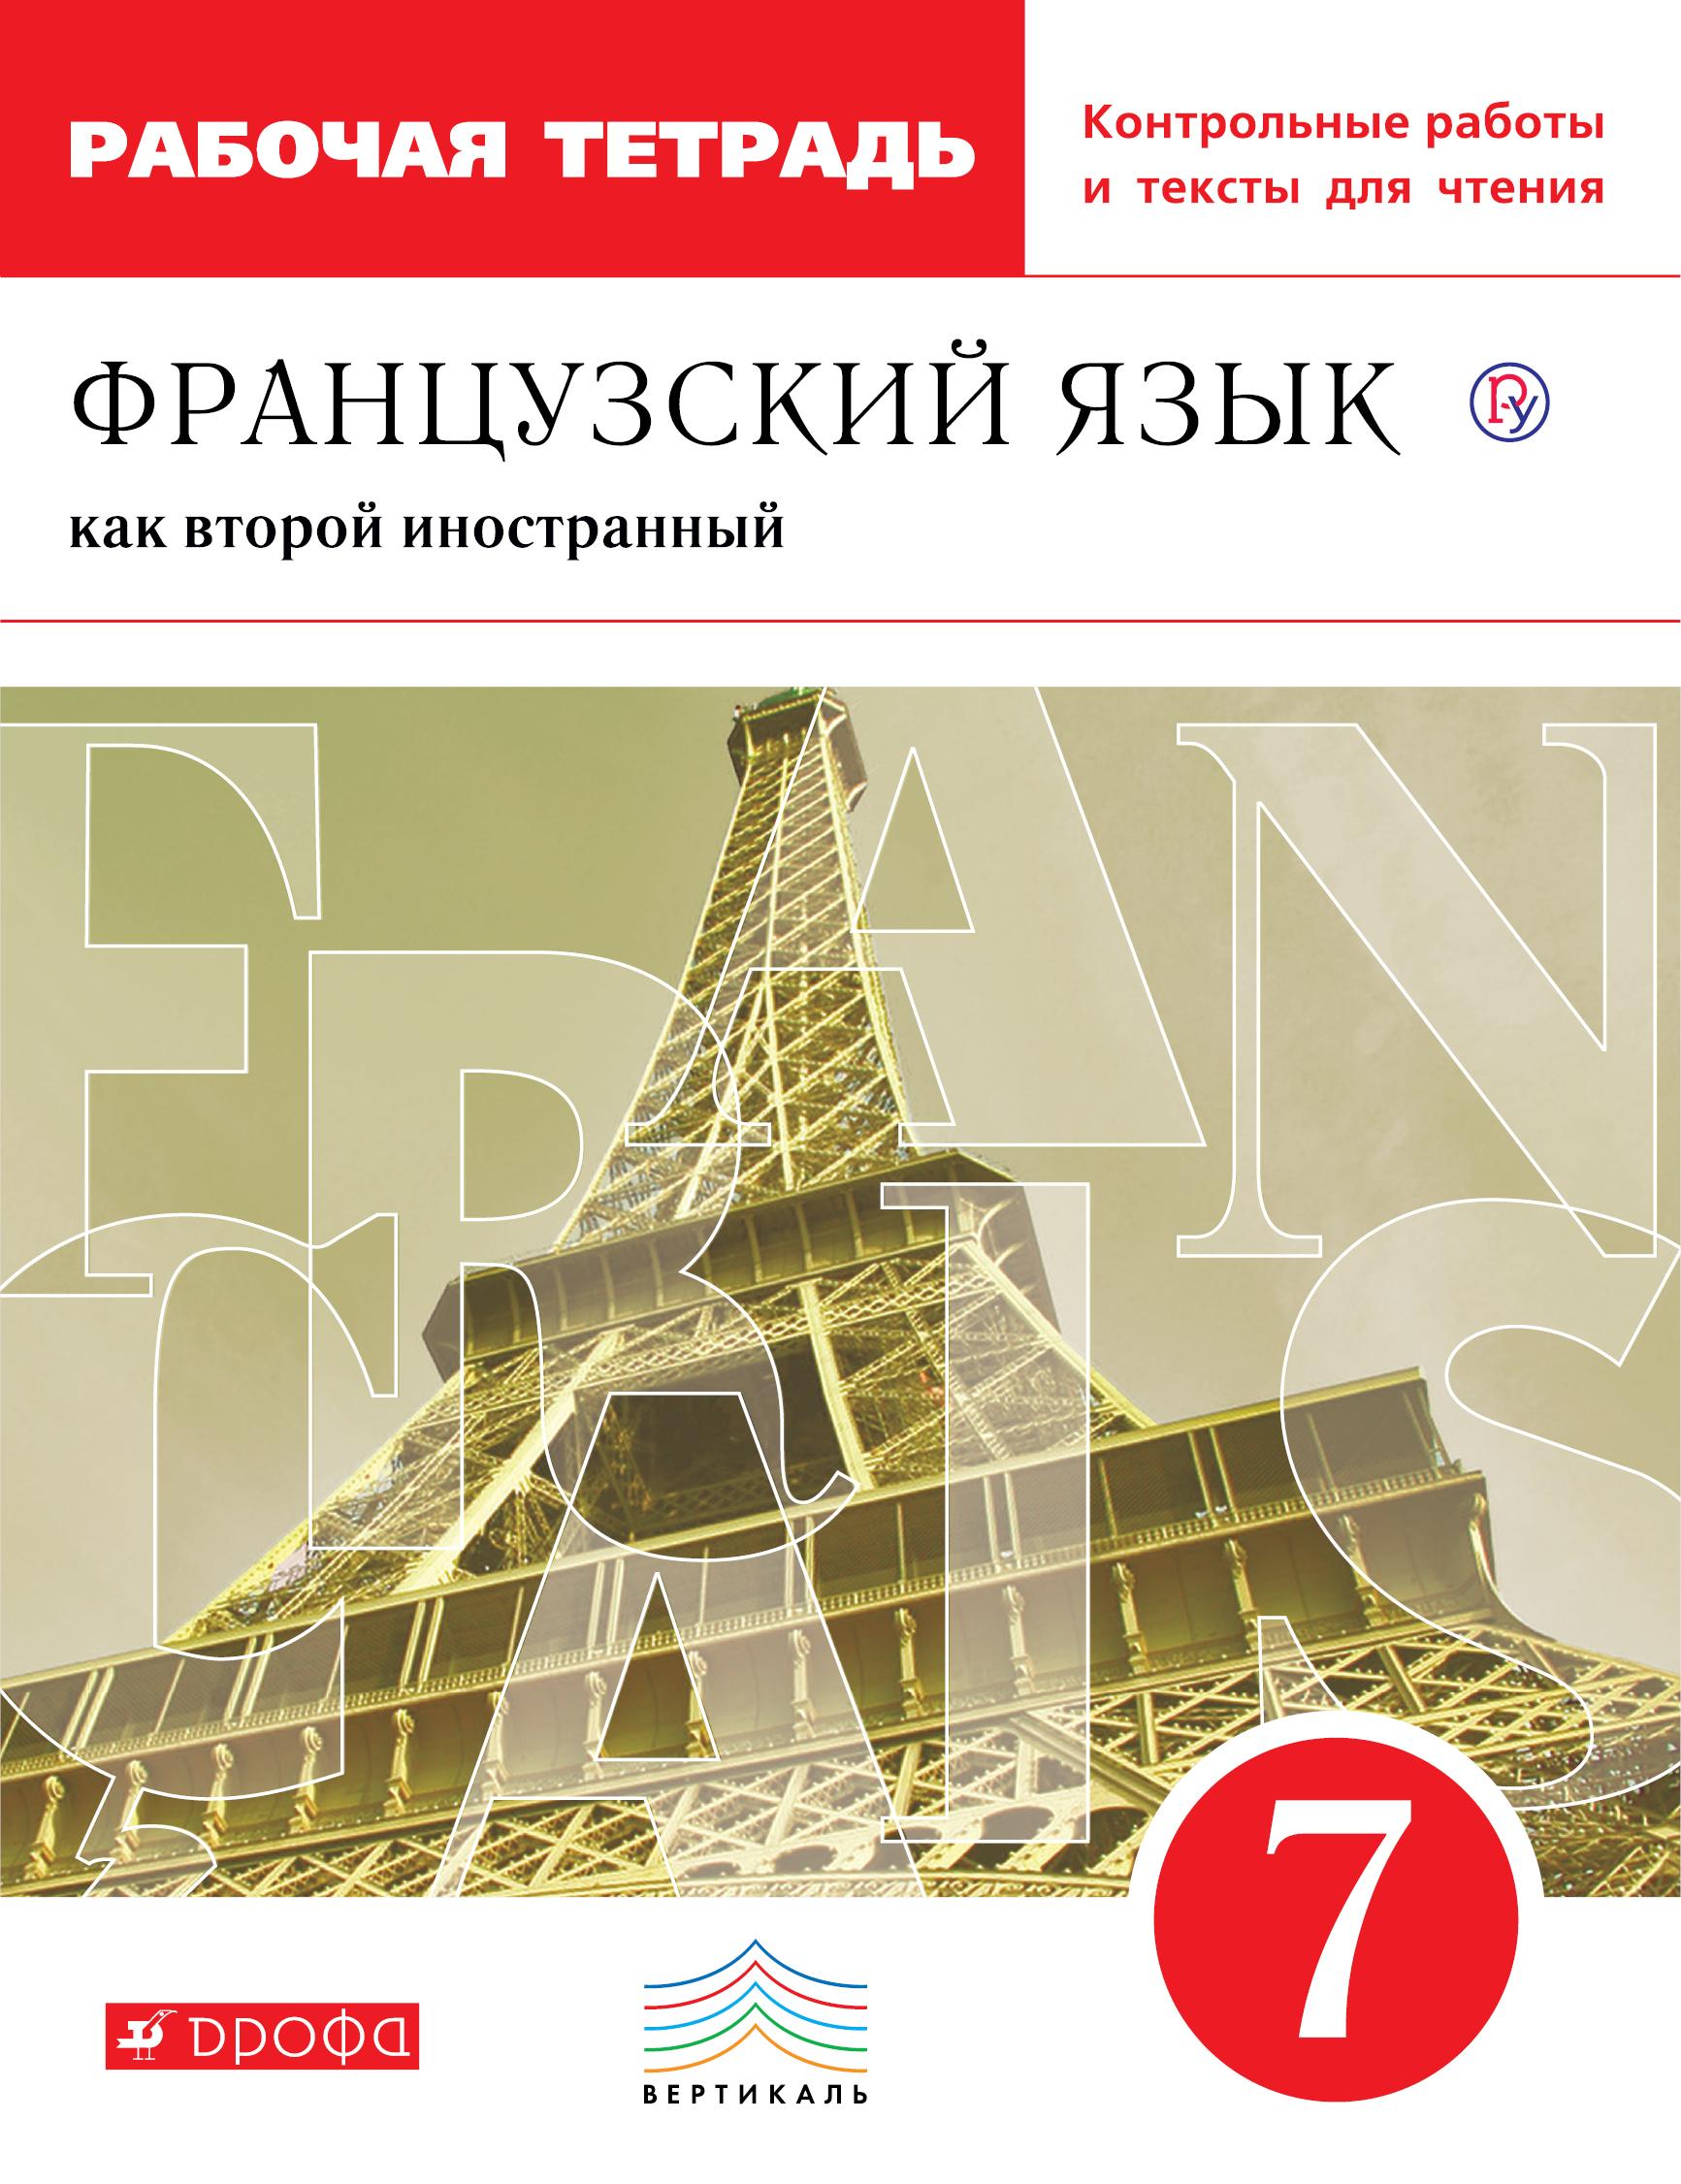 Французский язык как второй иностранный. 7 класс. Рабочая тетрадь с контрольными работами и текстами для чтения от book24.ru